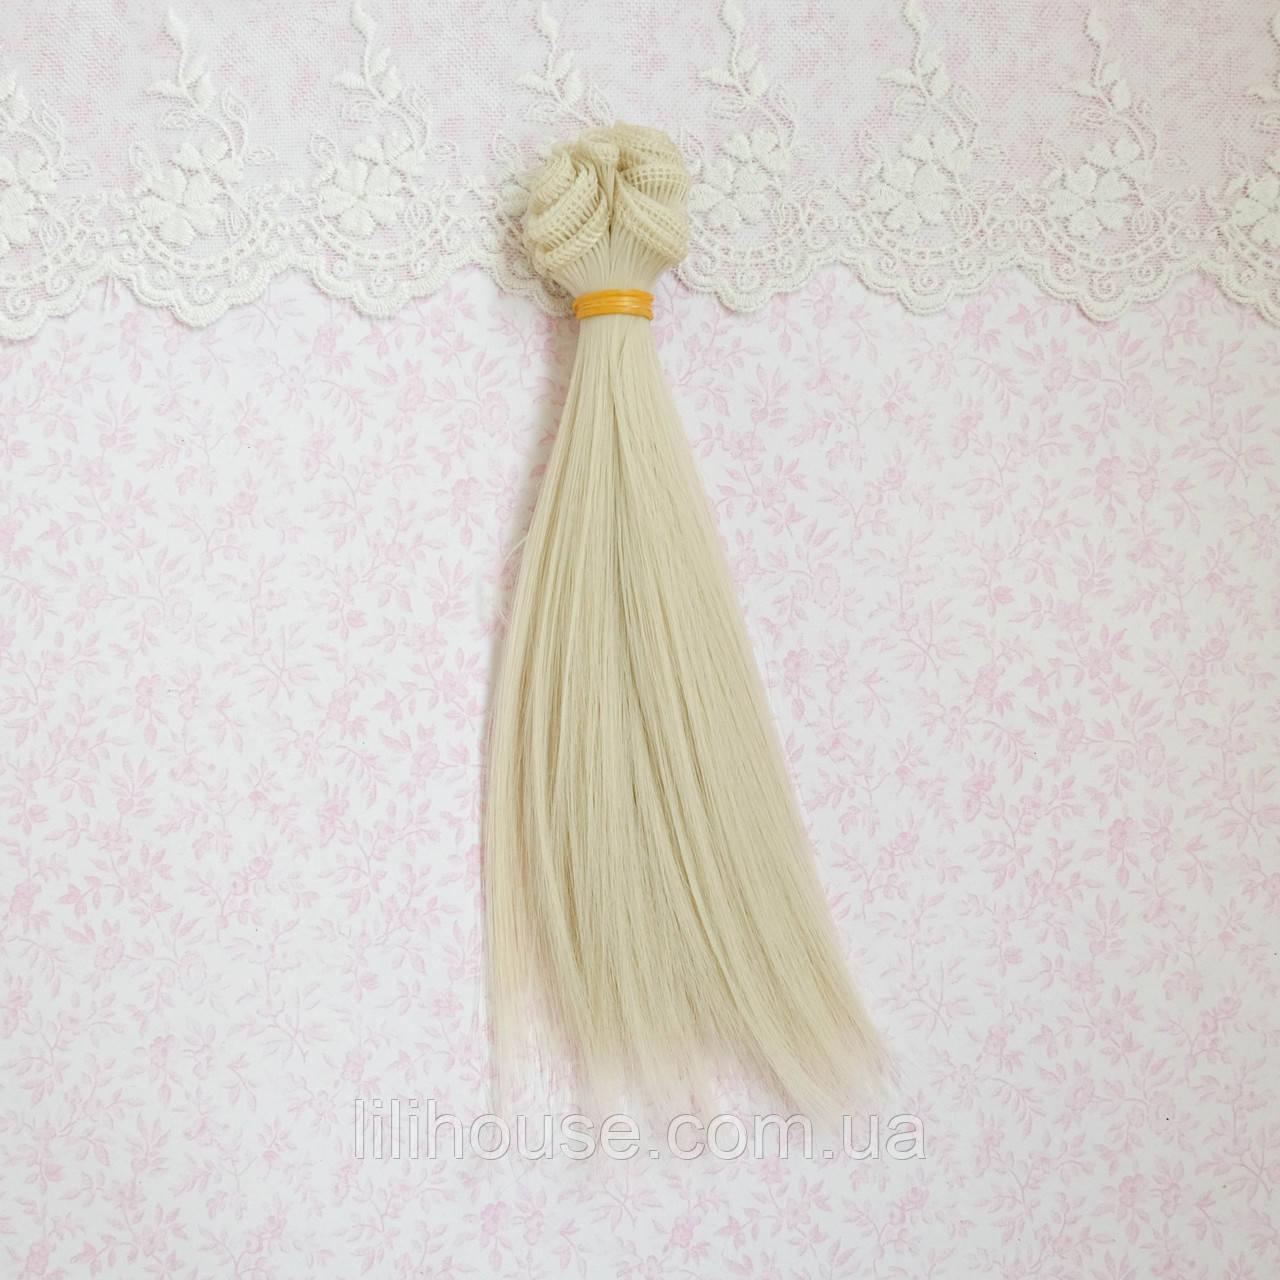 Волосы для Кукол Трессы Прямые ЖЕМЧУЖНЫЙ 25 см